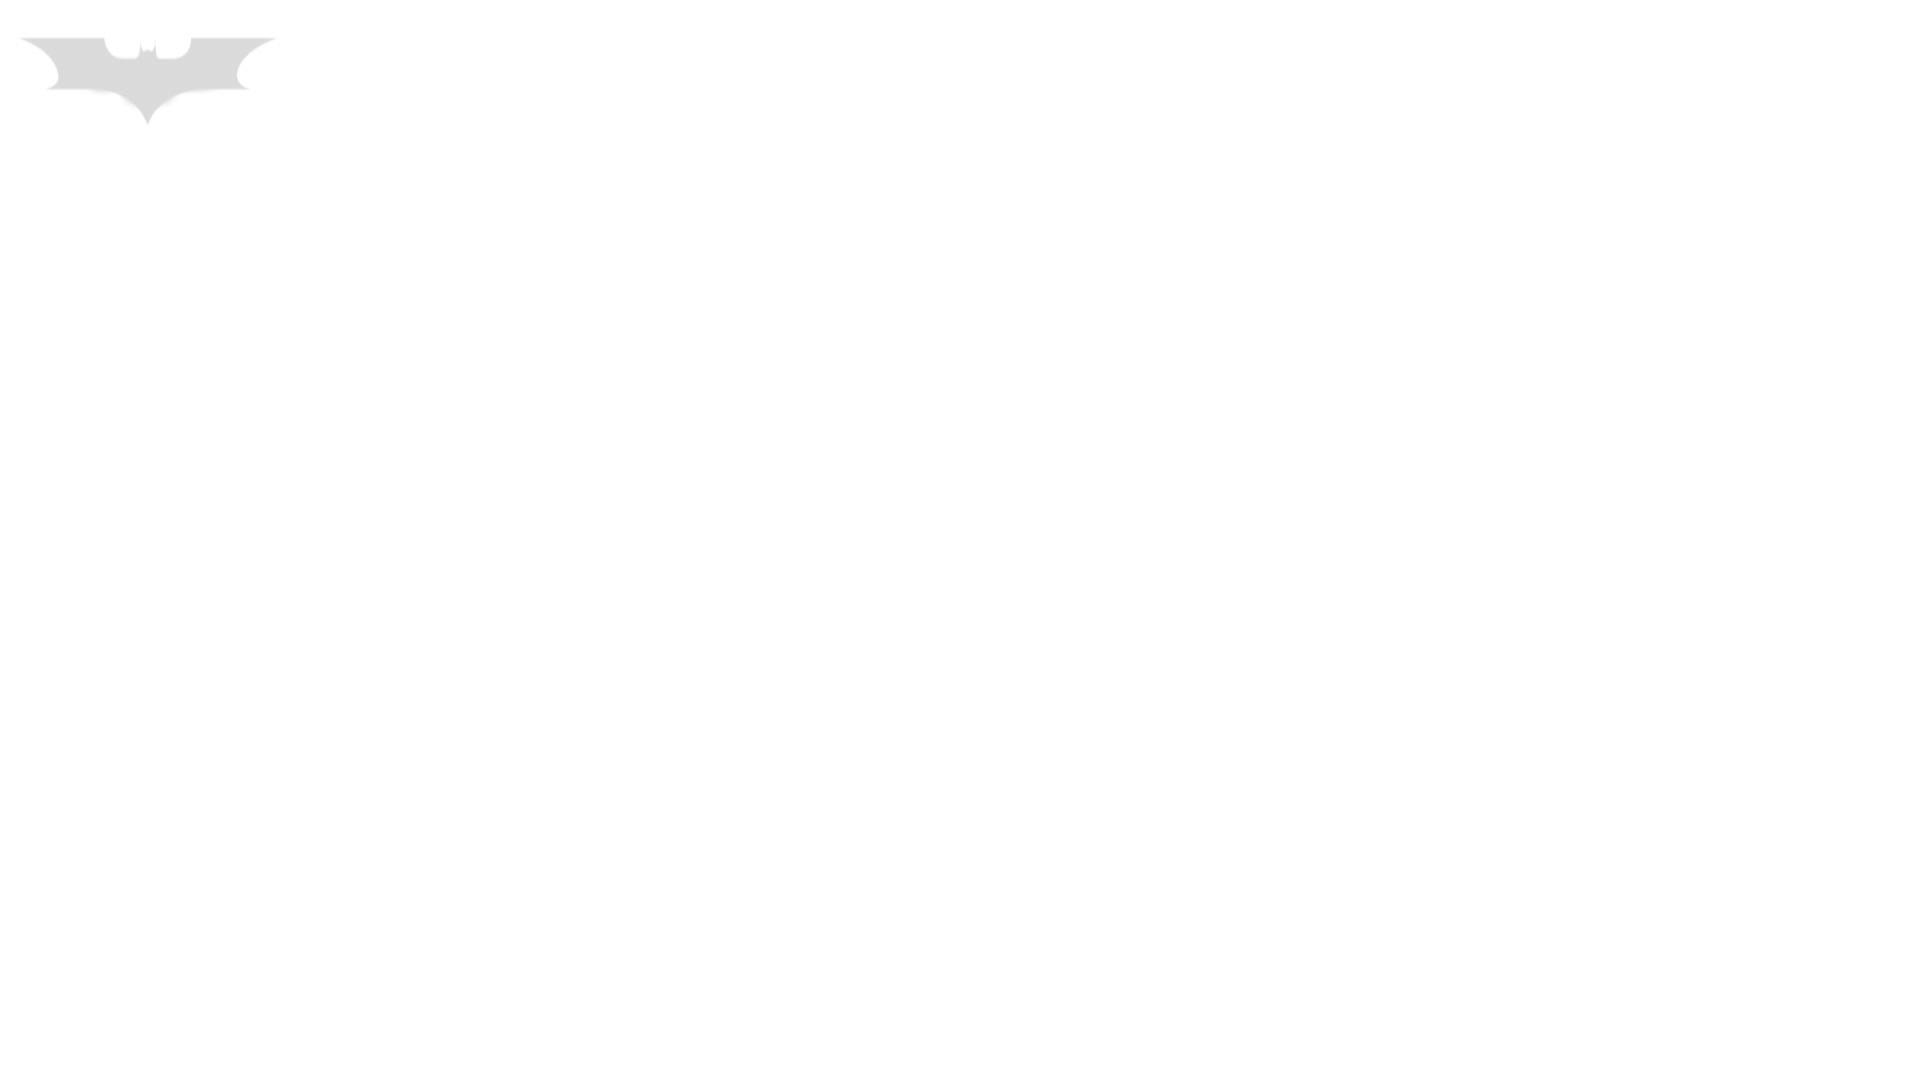 洗面所特攻隊 vol.74 last 2総勢16名激撮【2015・29位】 洗面所 | エッチすぎるOL達  105連発 33